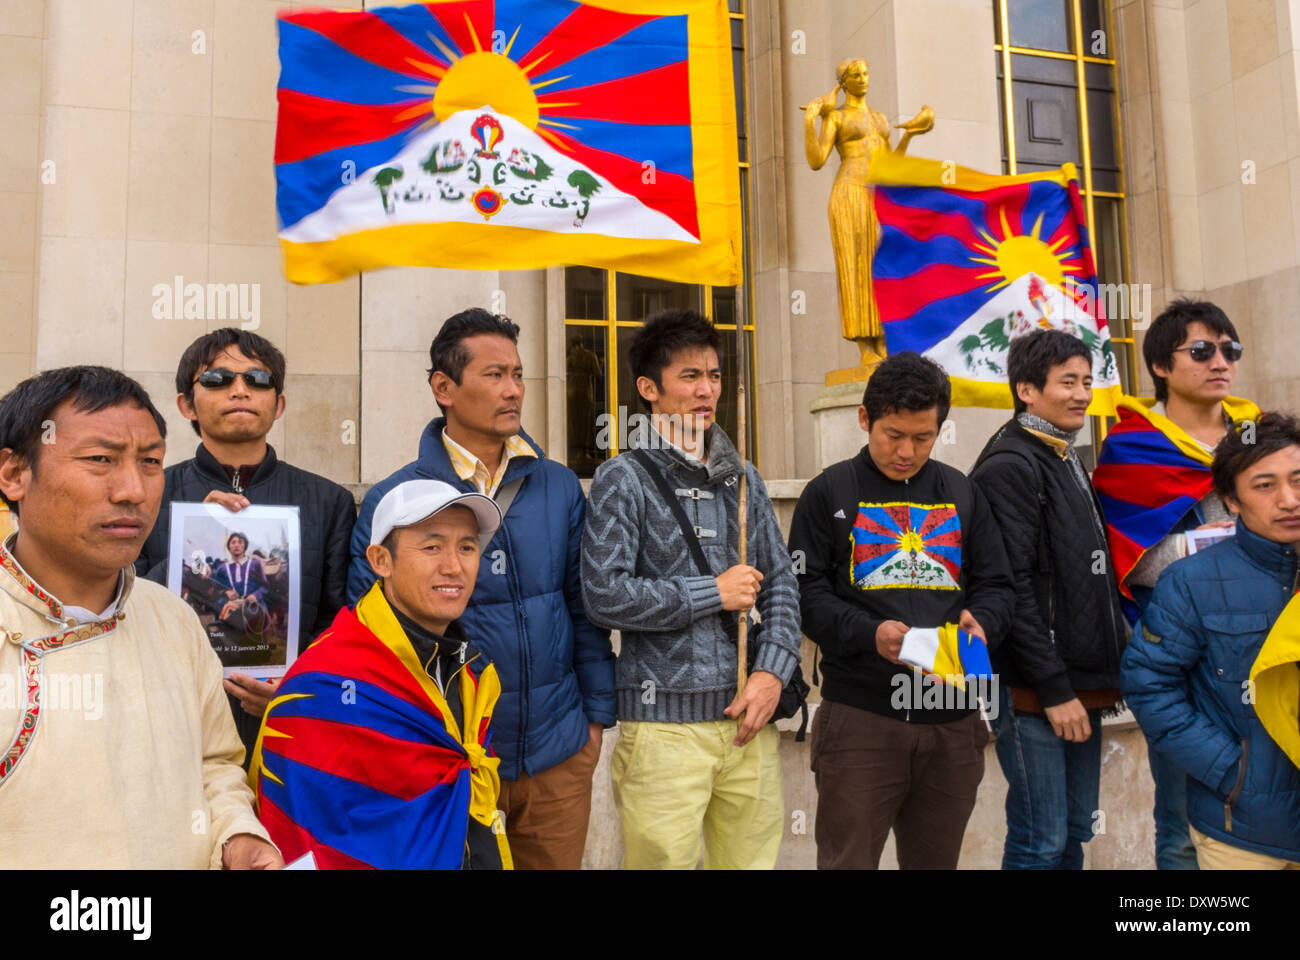 La manifestation des communautés ethniques tibétaines, taïwanaises de France a appelé les citoyens français à se mobiliser lors de la visite du Président chinois à Paris, en tenant des panneaux de protestation et des drapeaux, des manifestations de droits des citoyens, un mouvement de solidarité pour la jeunesse Banque D'Images